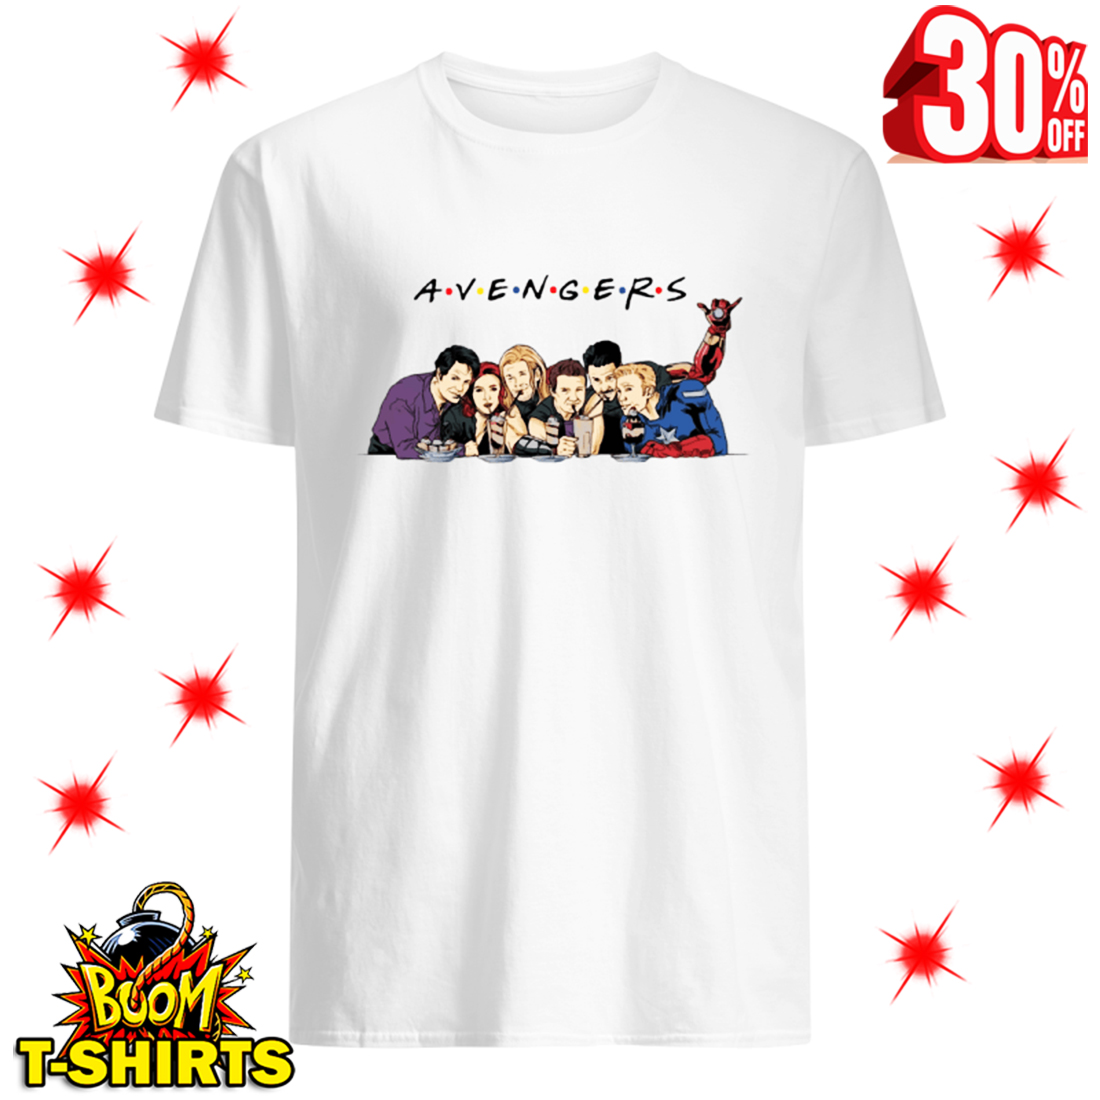 A.V.E.N.G.E.R.S Avengers Friends Parody shirt